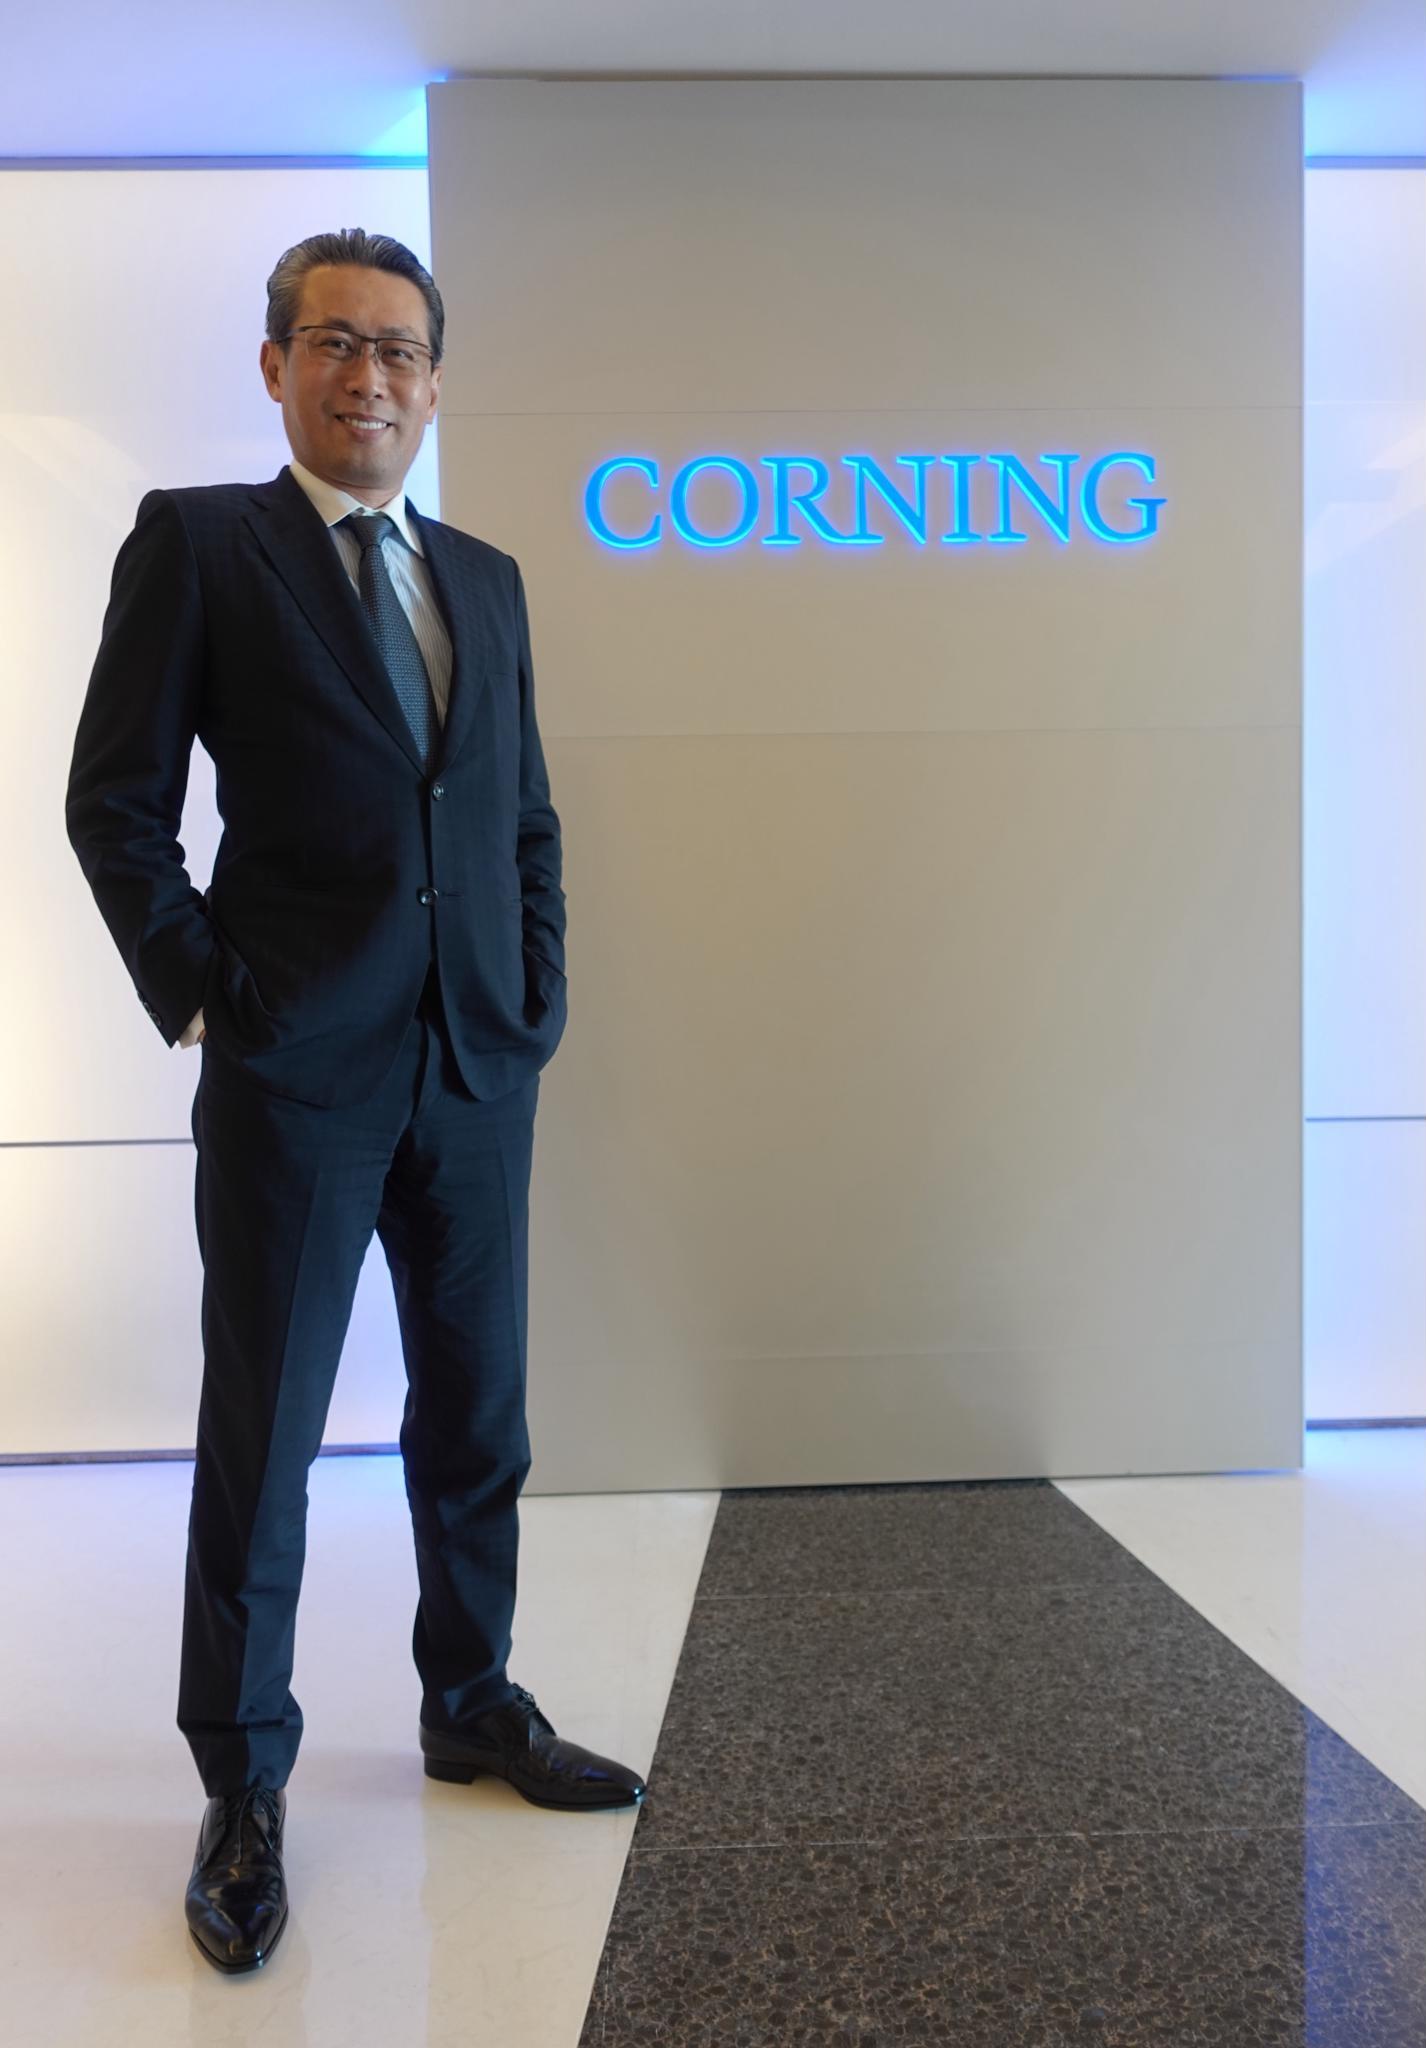 台灣康寧總經理  曾崇凱校友  了解自己才能創造獨有價值  豐富人生